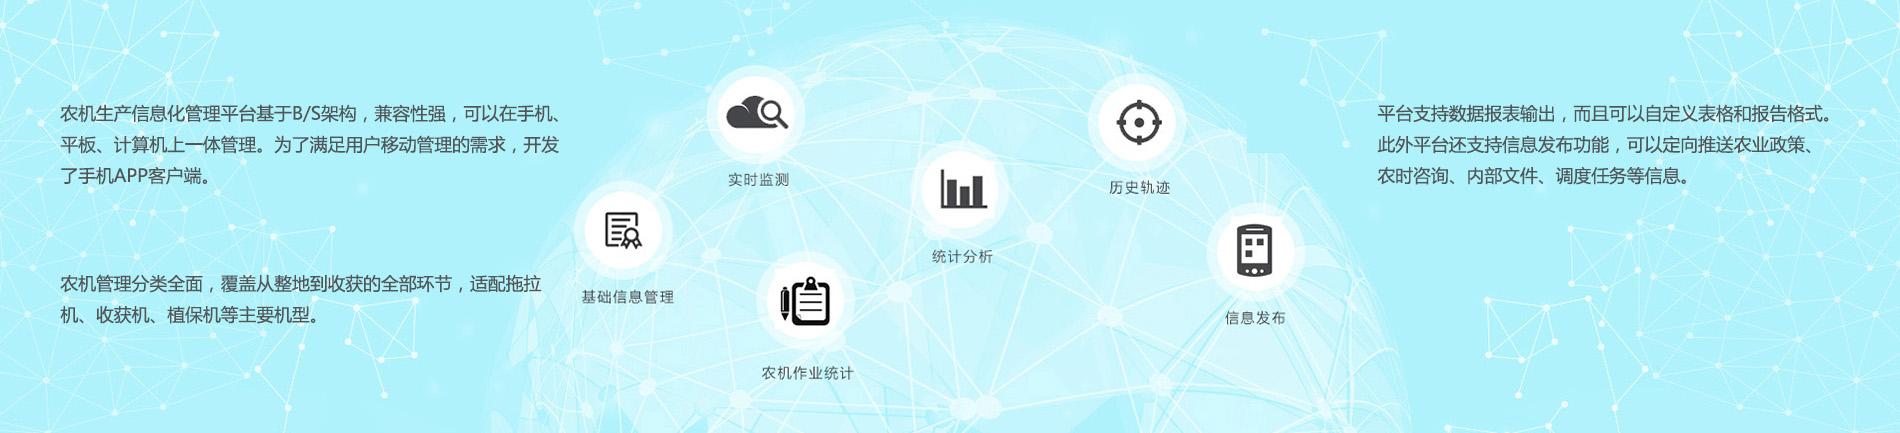 華測導航_農機生産信息化管理平台,兼容性強,多工具管理,适配性高的農機信息化管理平台價格及參數性能